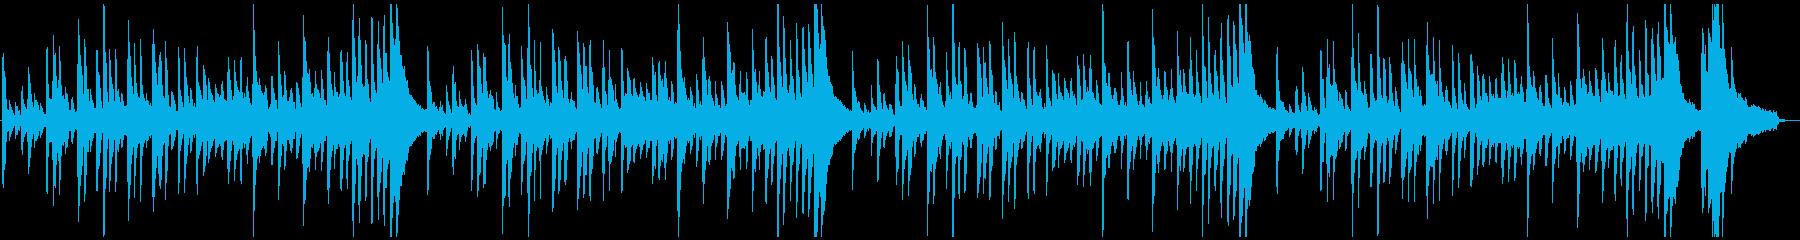 どこか優しい不協和音の再生済みの波形